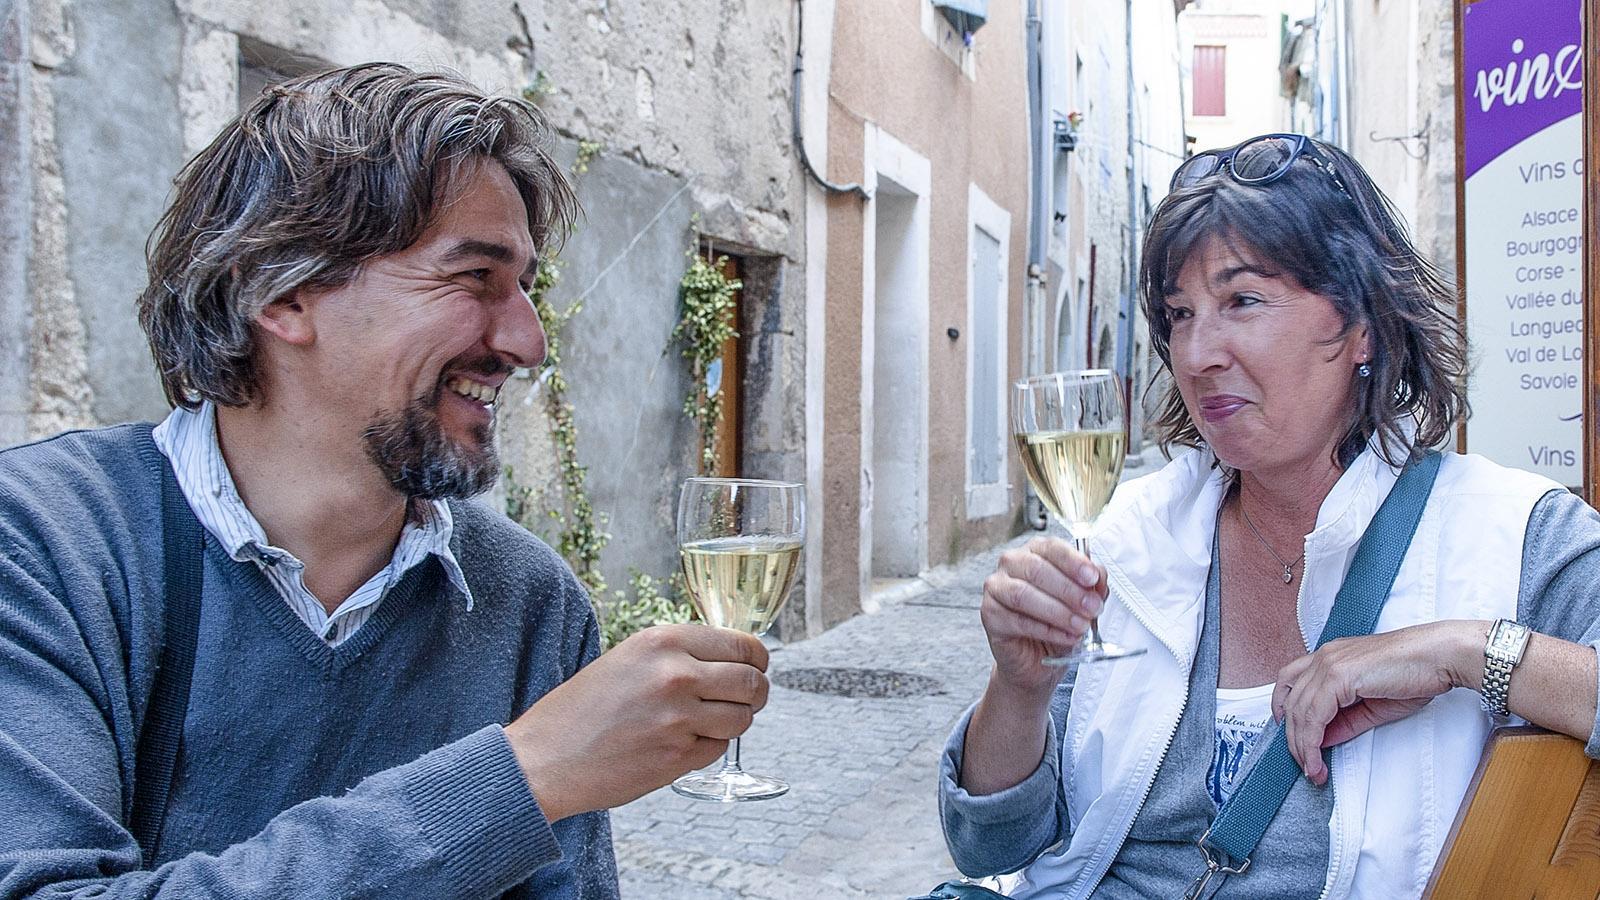 Olivier Fidenti und Claudia Albrecht in der Weinbar VinScene von Viviers. Foto: Hilke Maunder